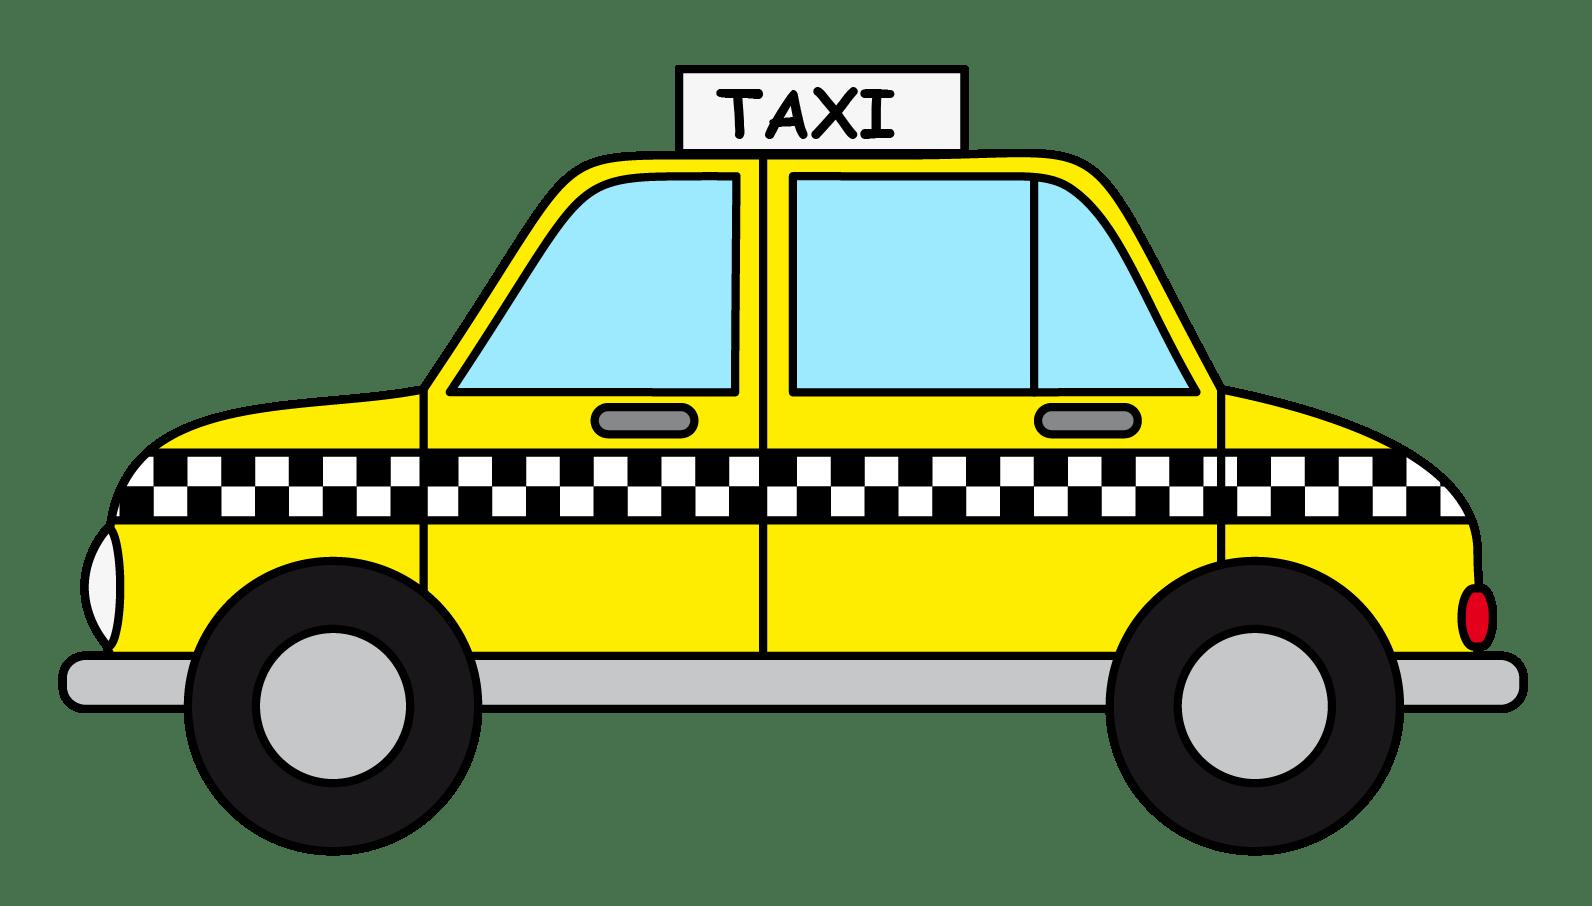 при картинка машина такси рисунок кого гипнотизируют